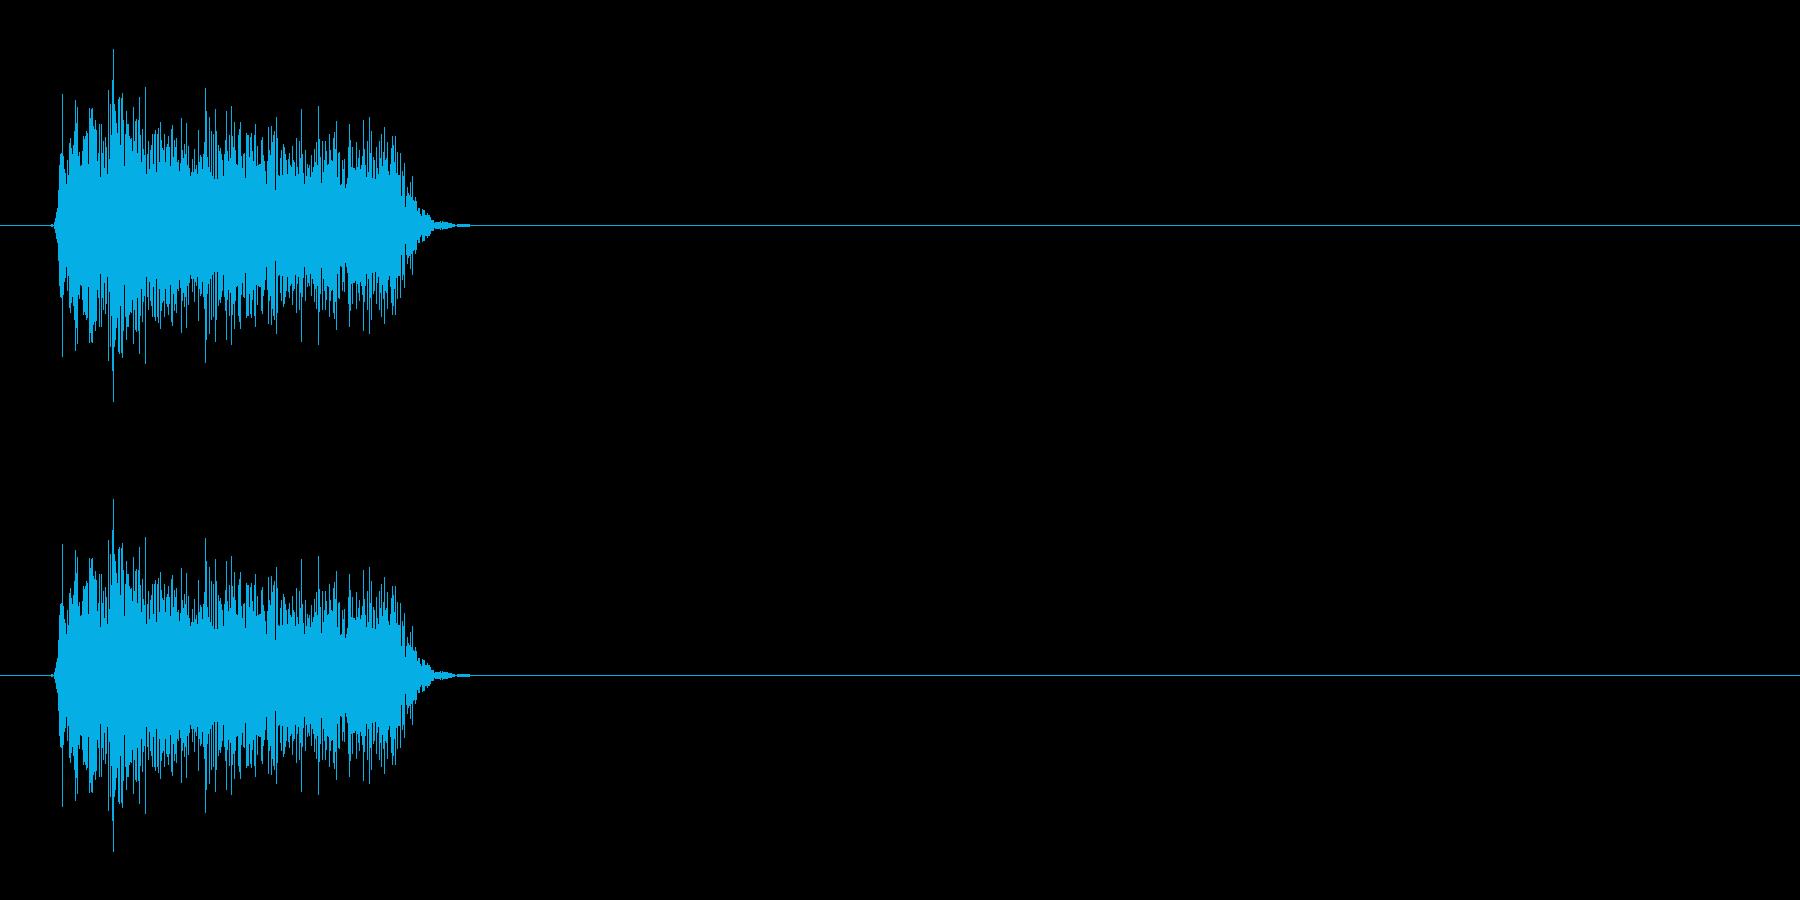 プシュッ(ファブリーズ的なものの音)の再生済みの波形